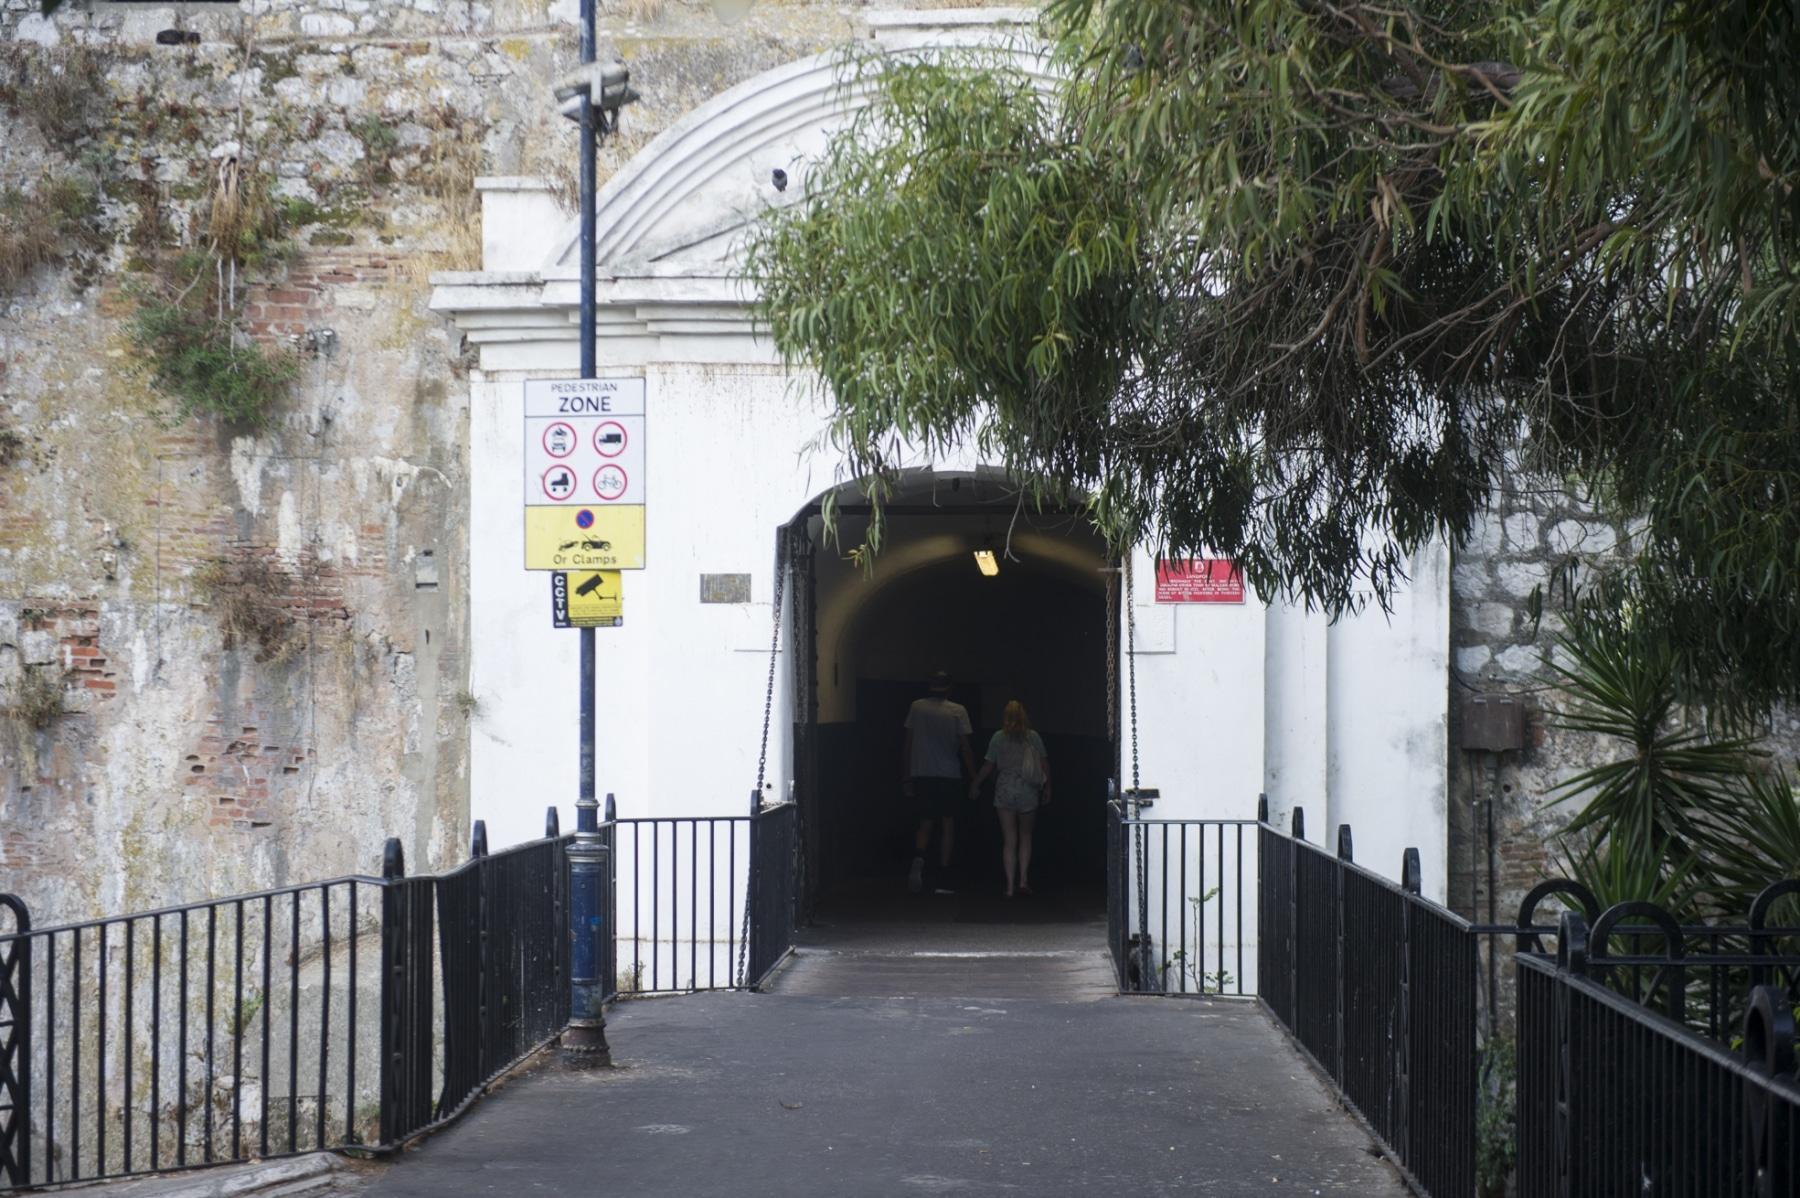 en-su-da-la-entrada-a-gibraltar-se-haca-por-esta-angosta-puerta-defendida-por-un-puente-colgante_22552556710_o